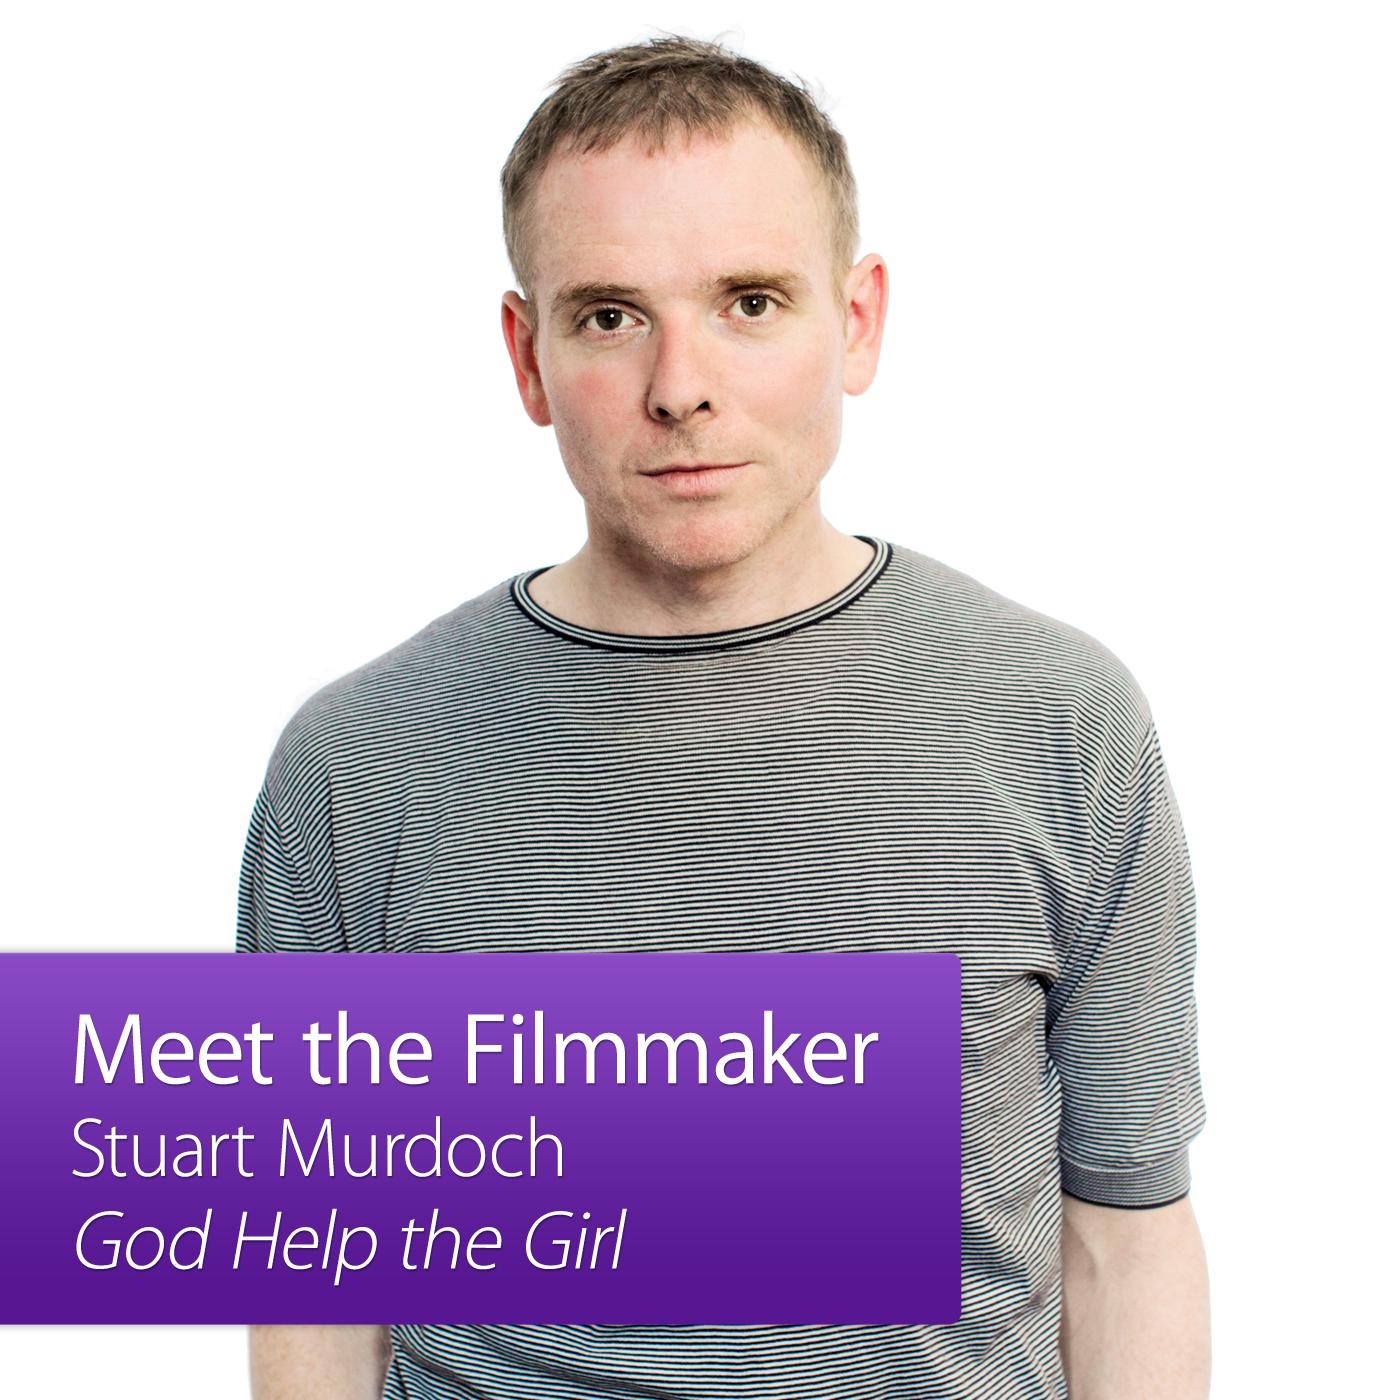 Stuart Murdoch: Meet the Filmmaker